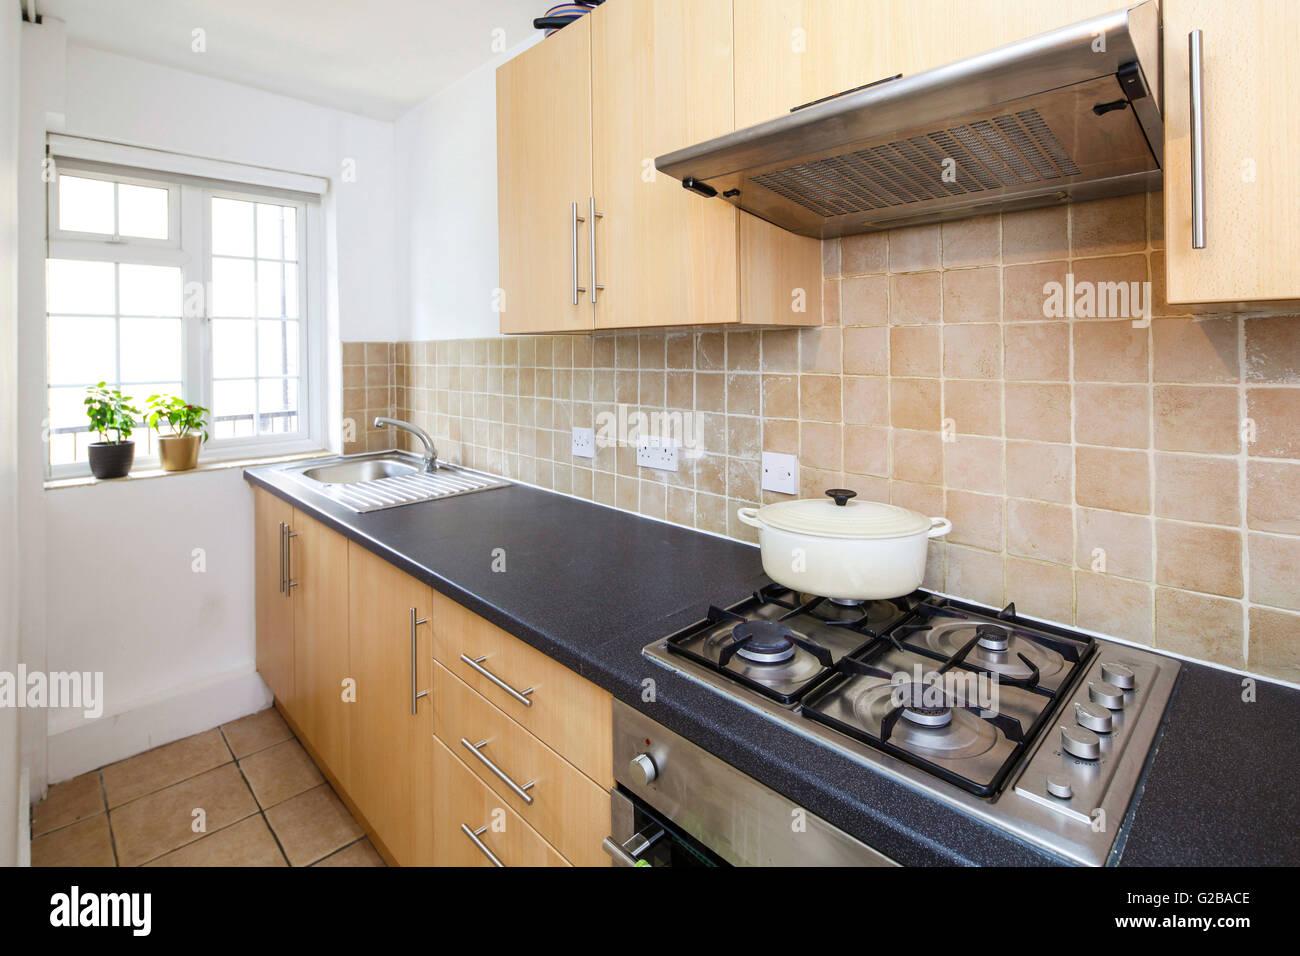 Fantastisch Küche Lieferanten London Fotos - Ideen Für Die Küche ...